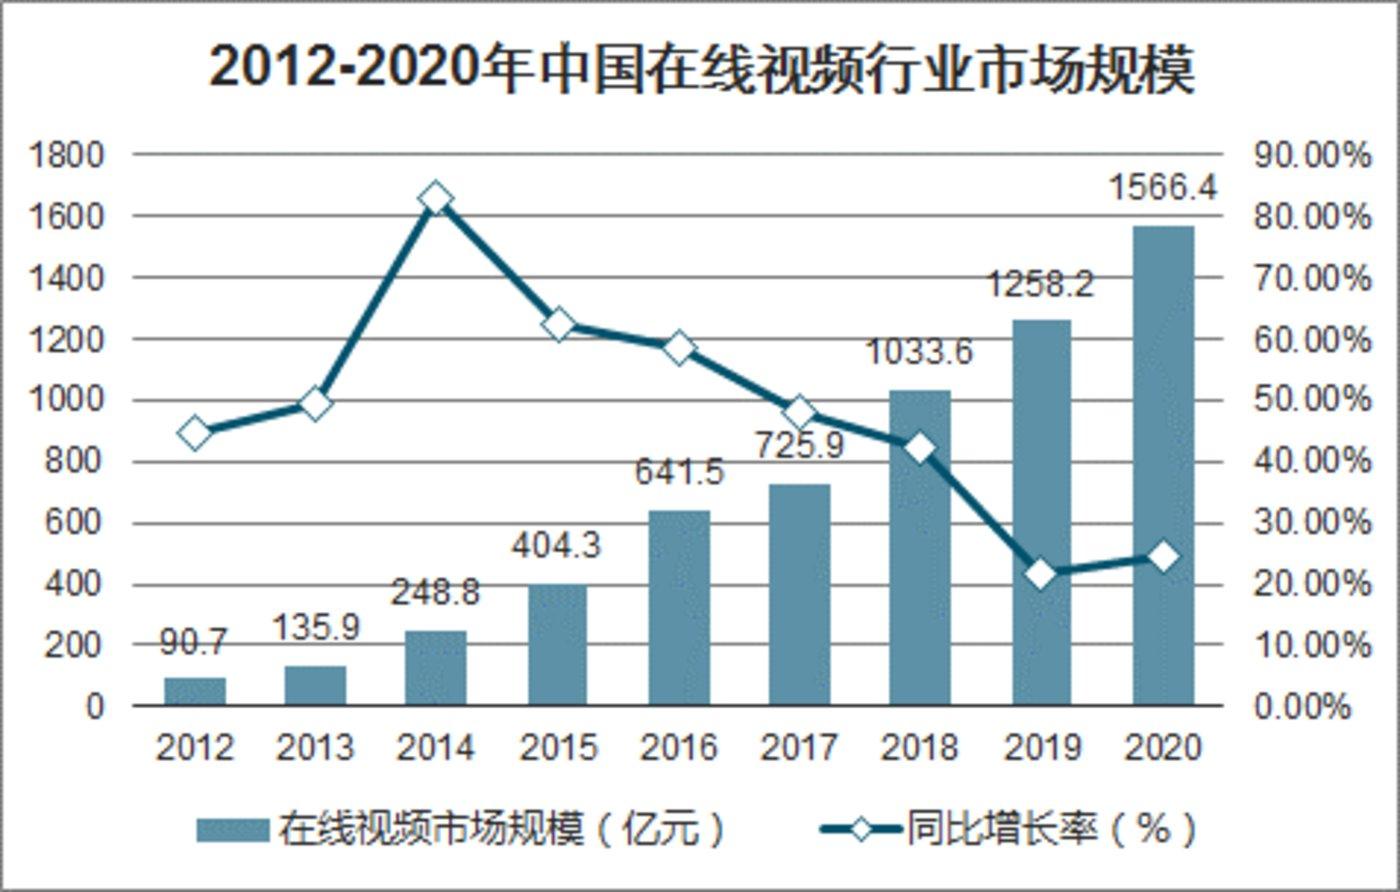 图片来自中国产业信息网